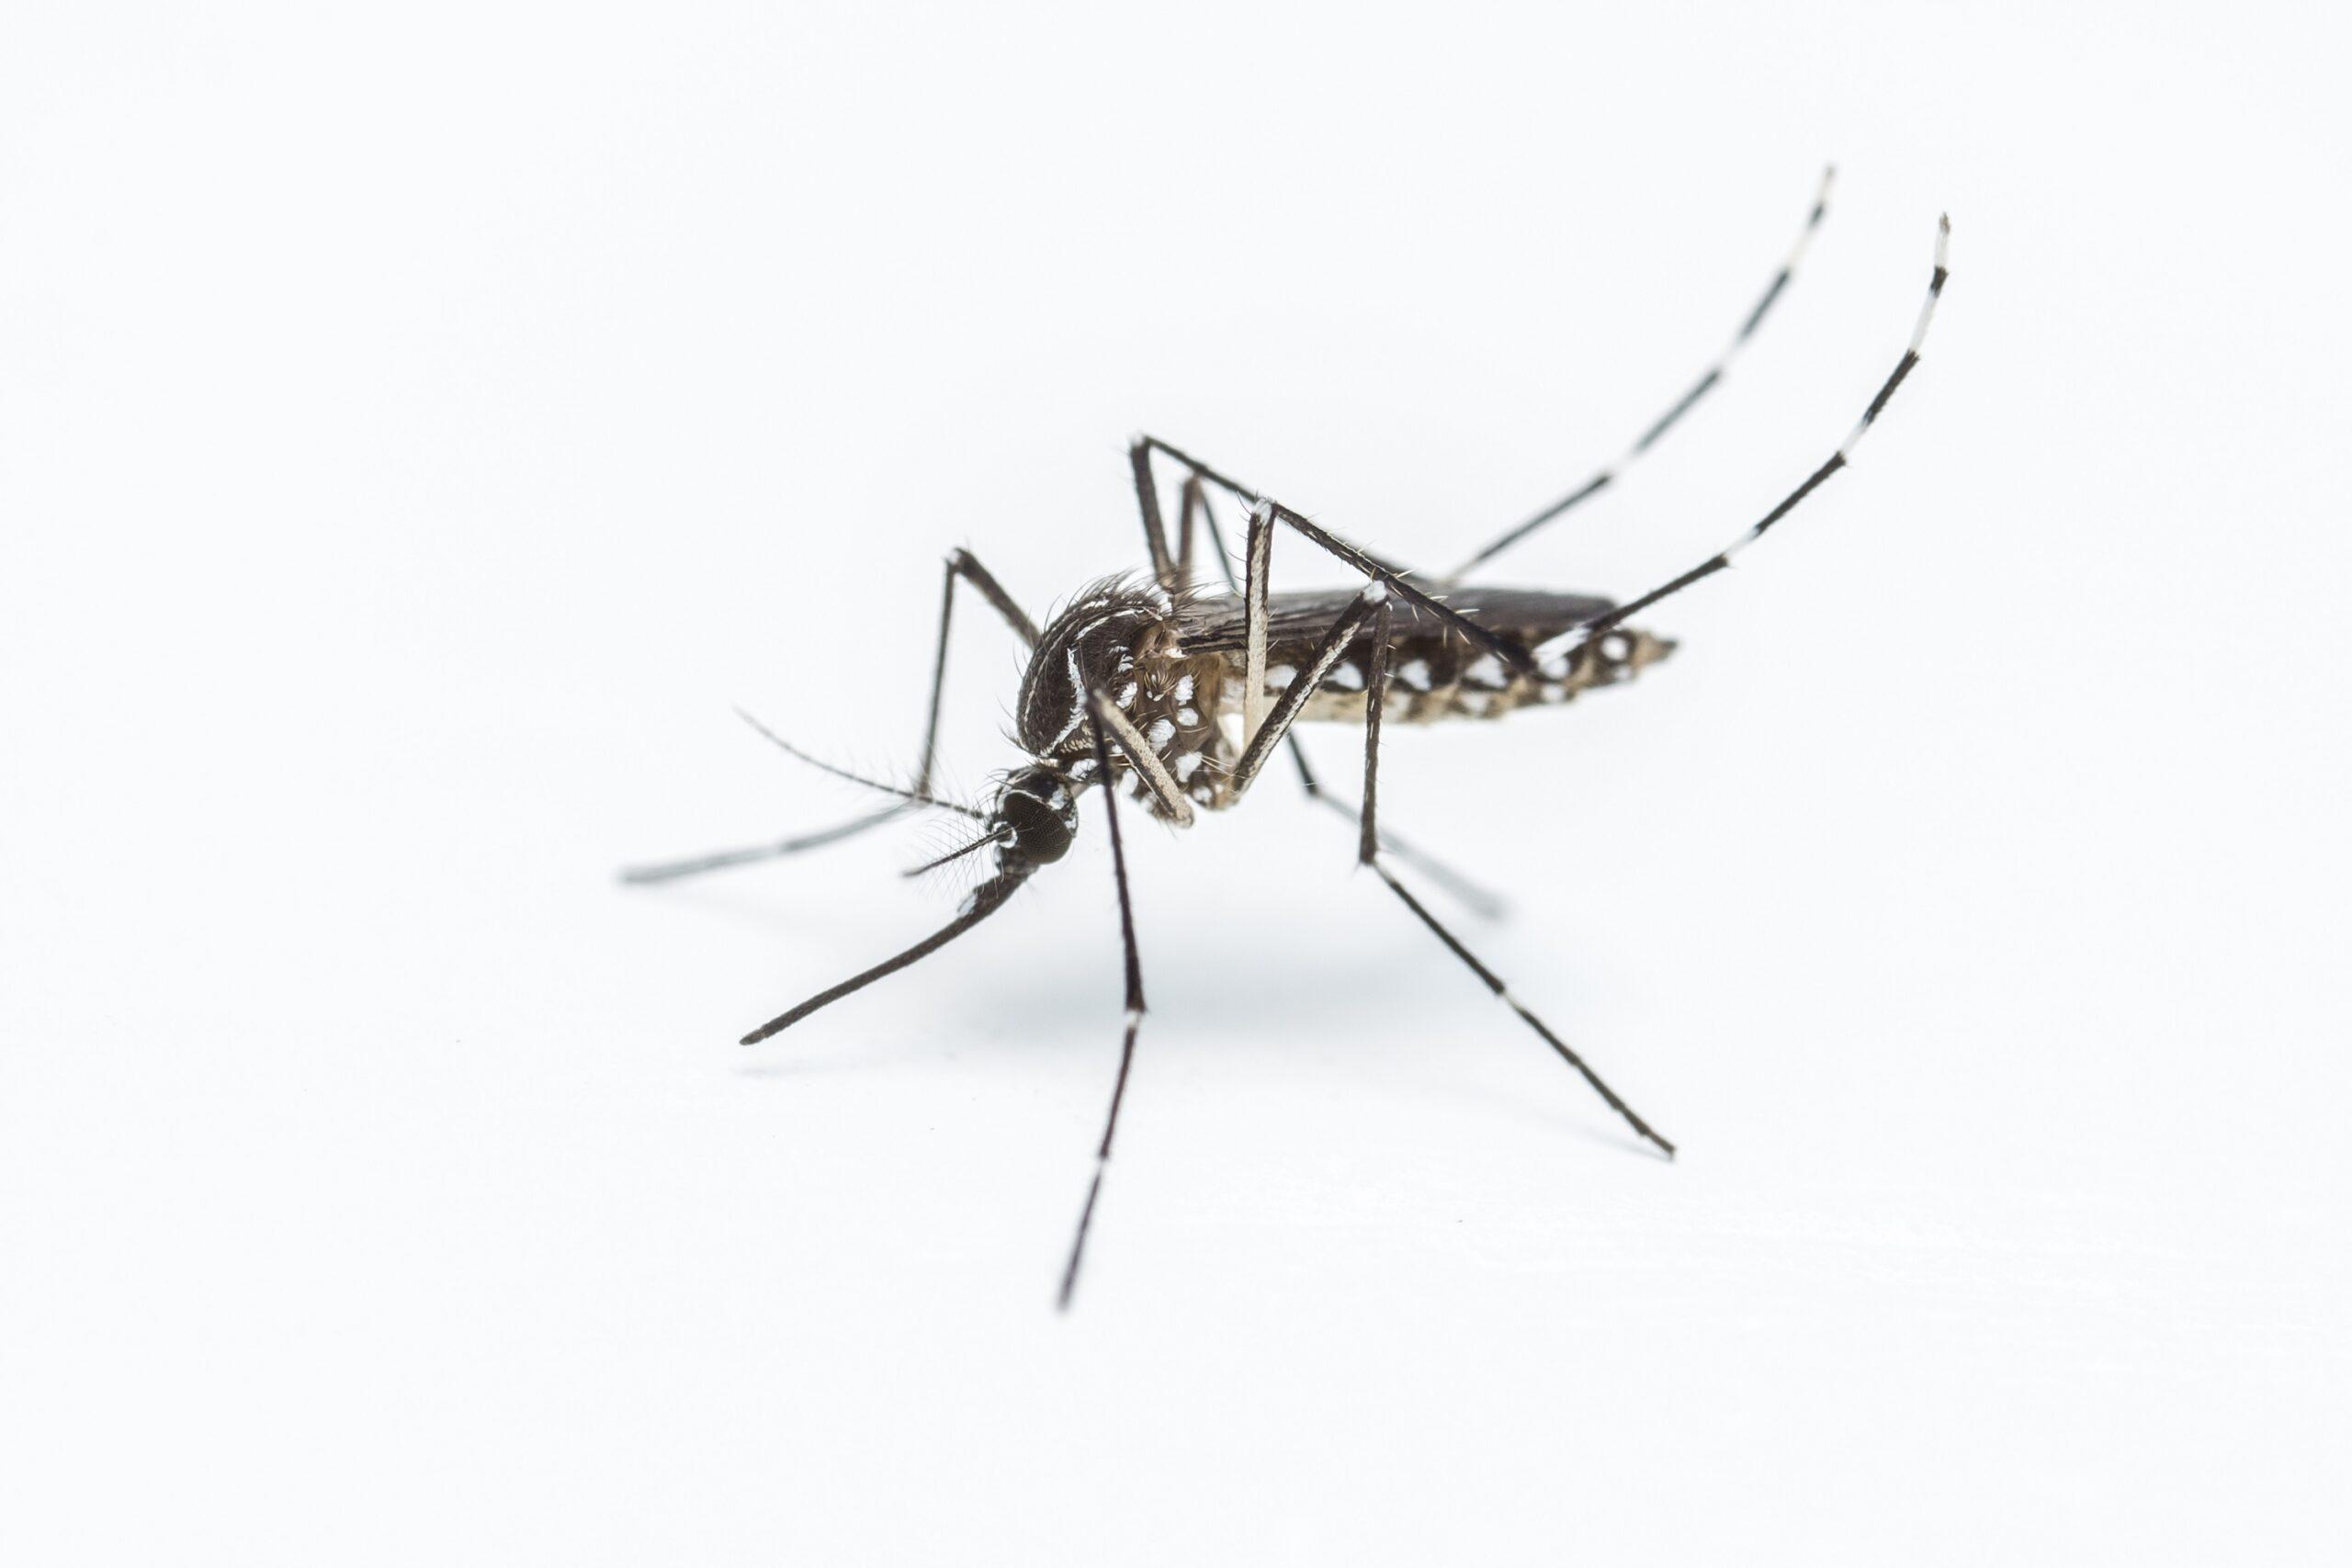 הדברה s-hadbara נותני השירות בעלי שנות ניסיון עם מקצועיות ומיומנות ועם הרבה מוטיבציה שיודעים לאתר איפה יתושים דוגרים תוך כדי איתור מקור הנגע